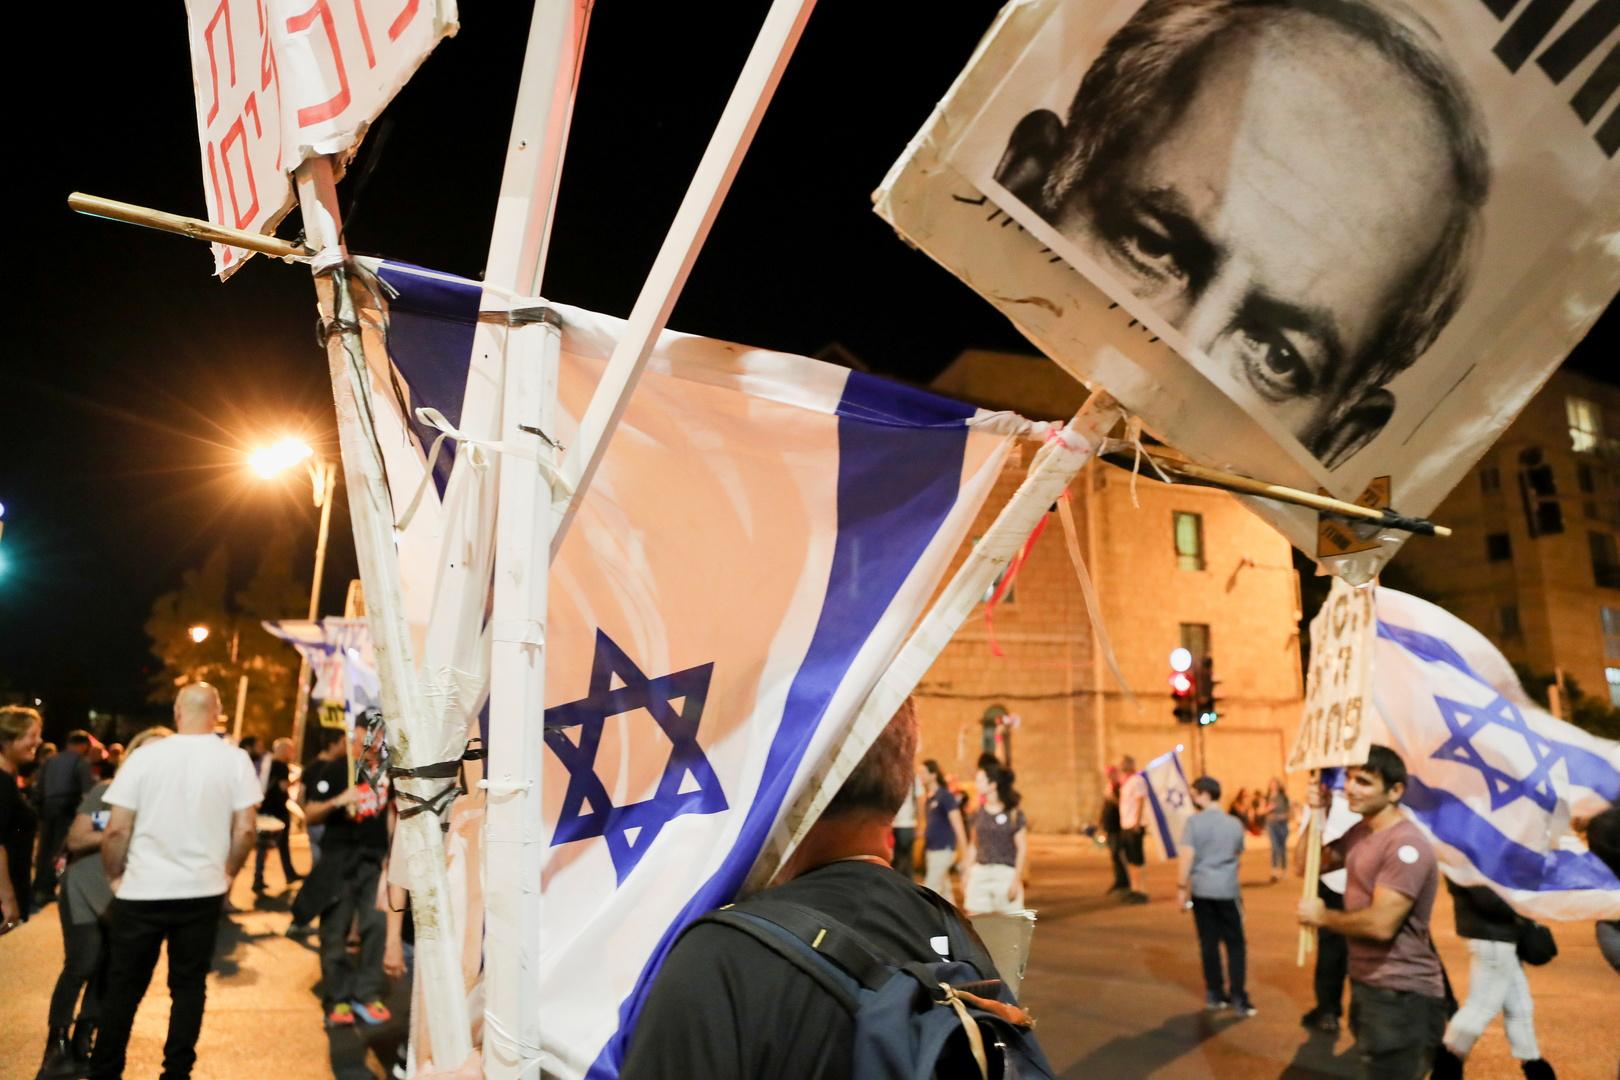 تقرير: عملاء إيرانيون اخترقوا مجموعات الاحتجاج ضد نتنياهو